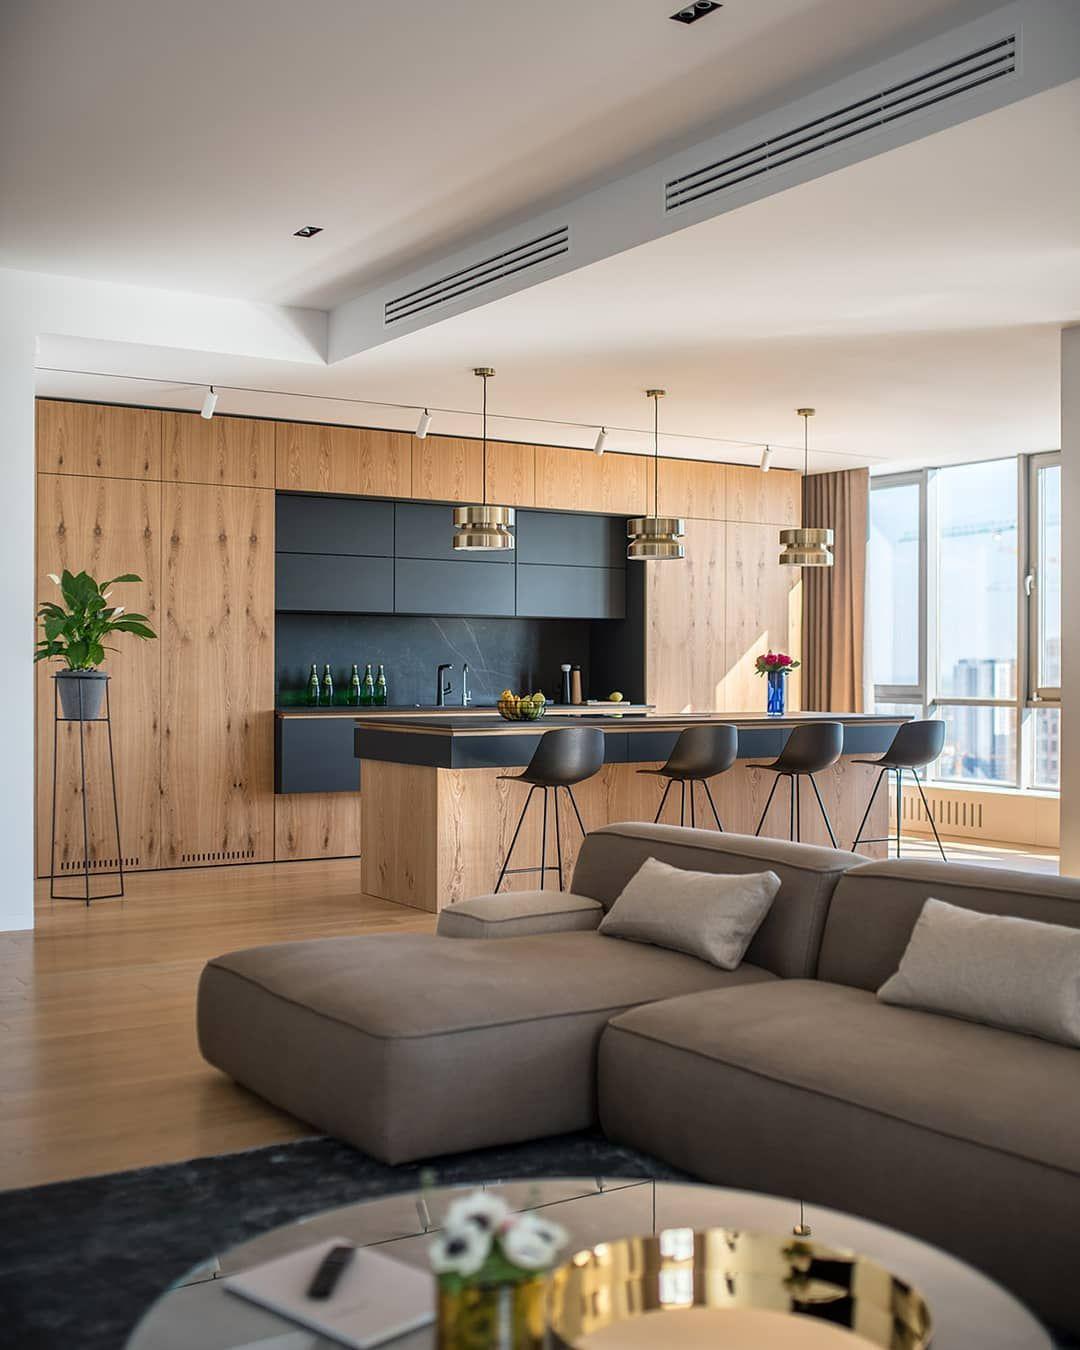 Minimalist Hdb Design: Interior Design 5 Room Hdb #design Interior #design